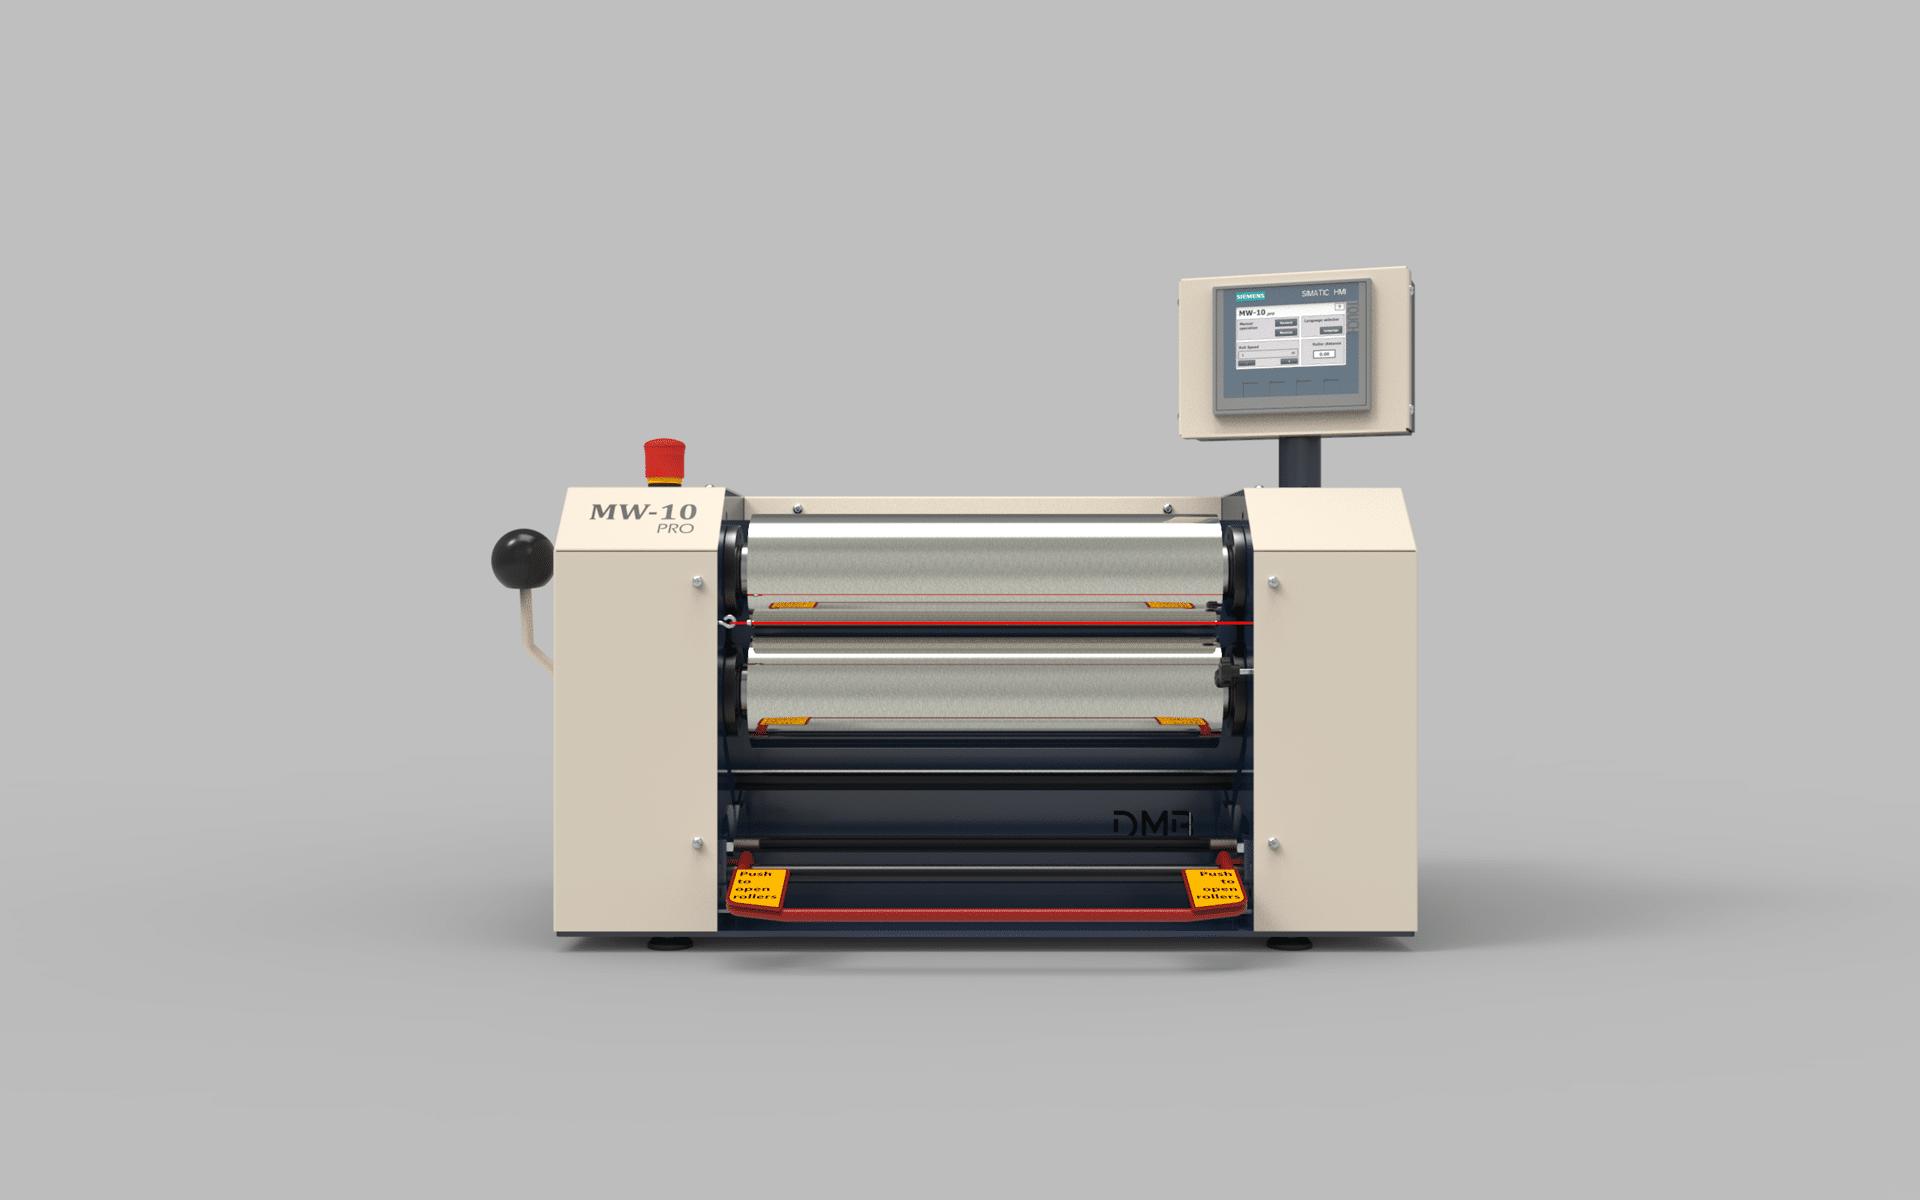 Dijatec two roll mill MW-10 pro